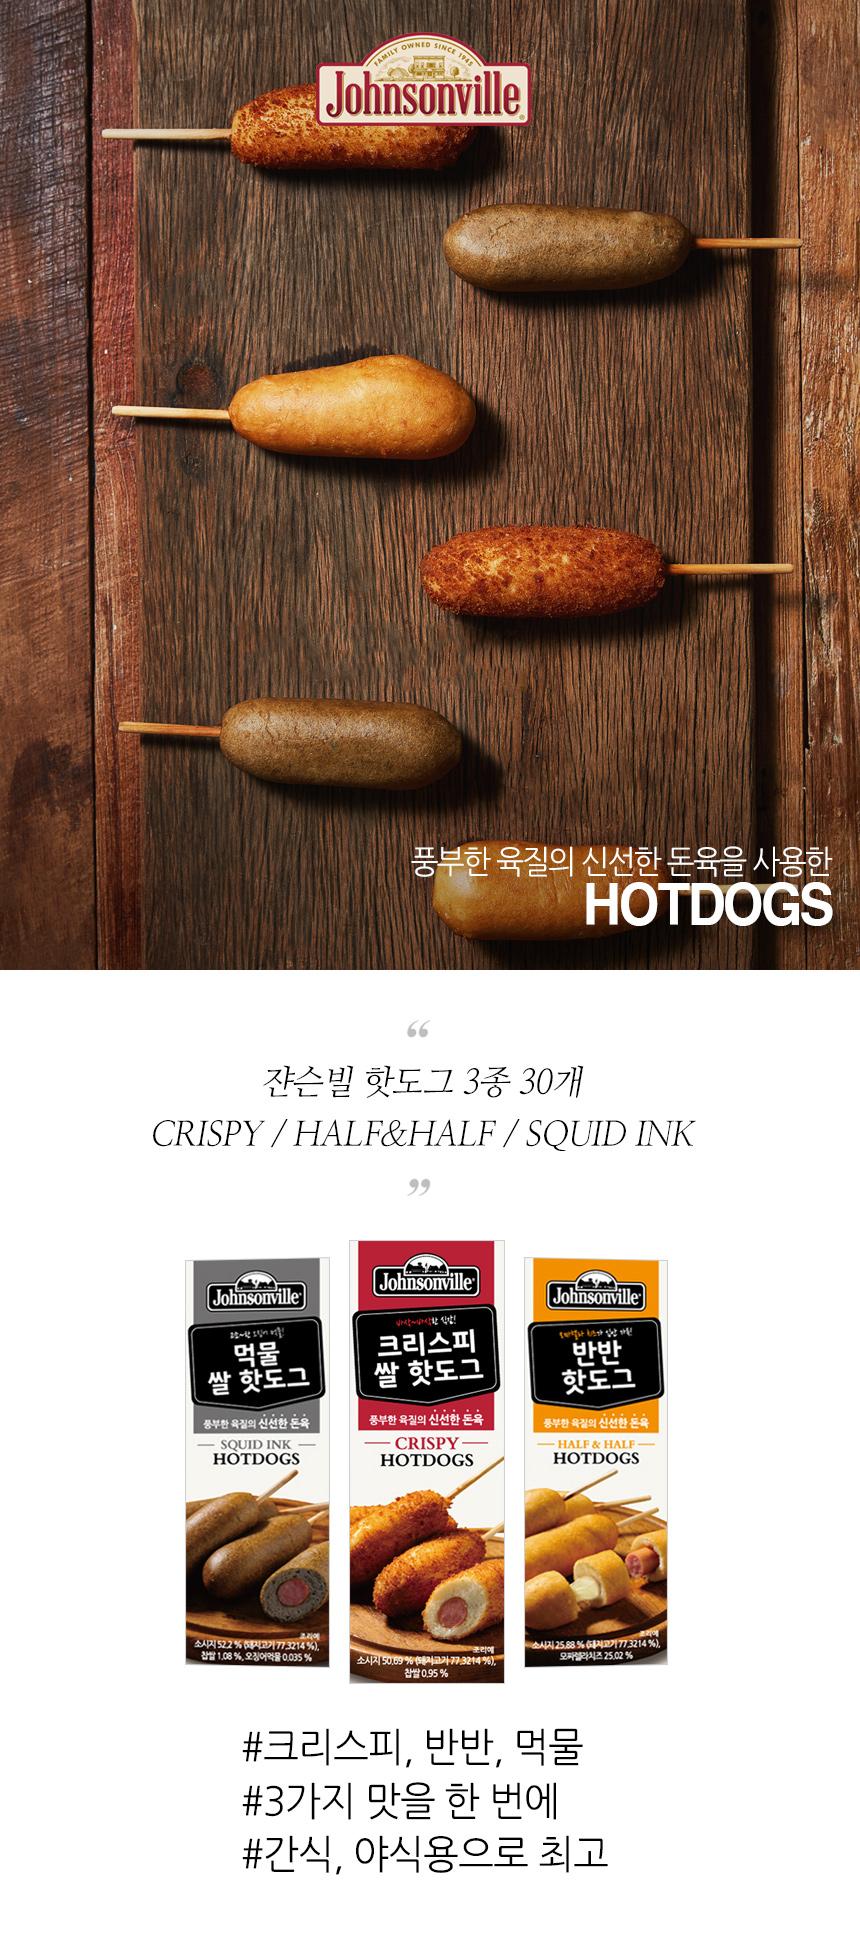 잔슨빌_hotdogs_01.jpg